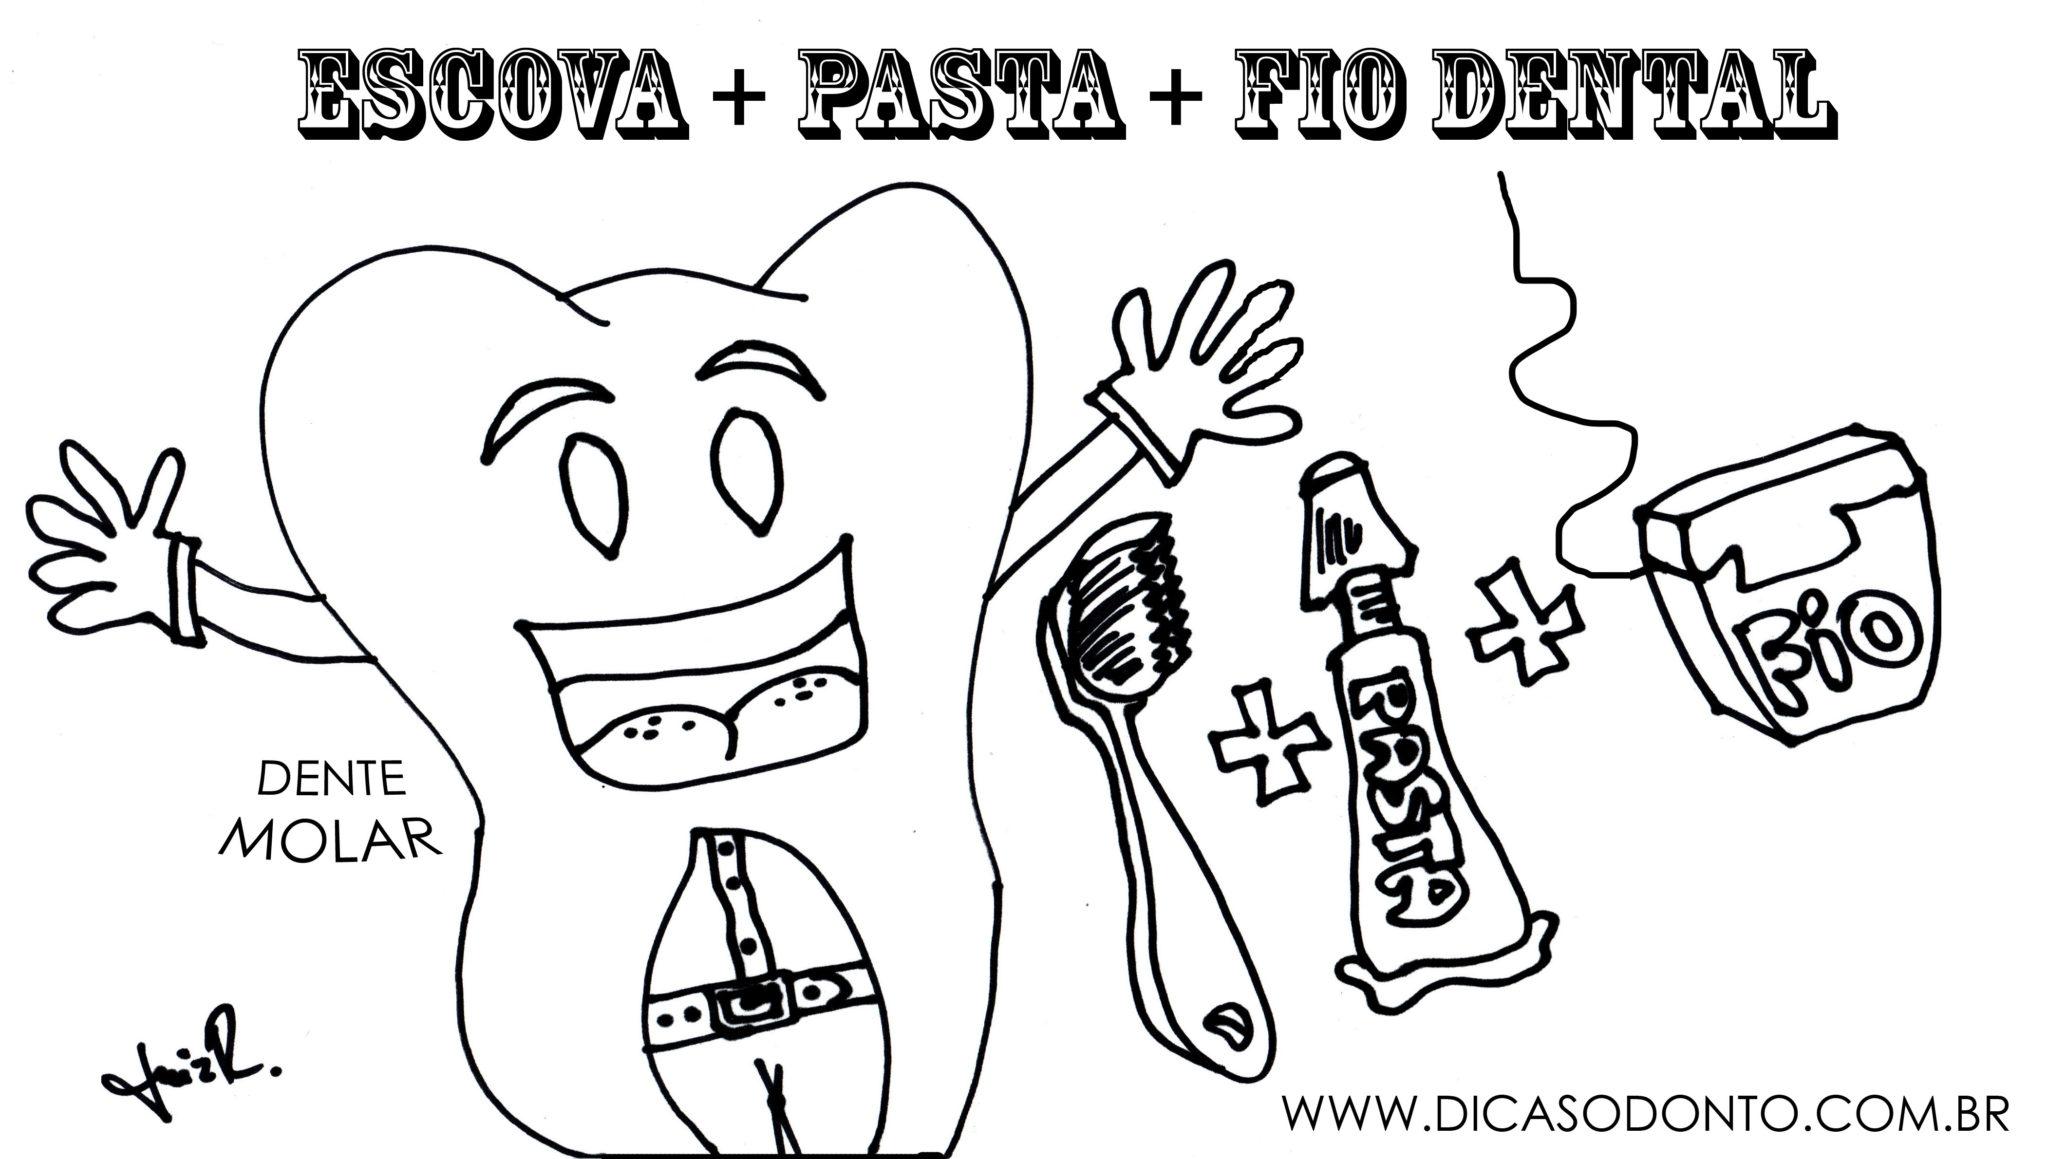 De fio dental escovando os dentes - 2 part 10